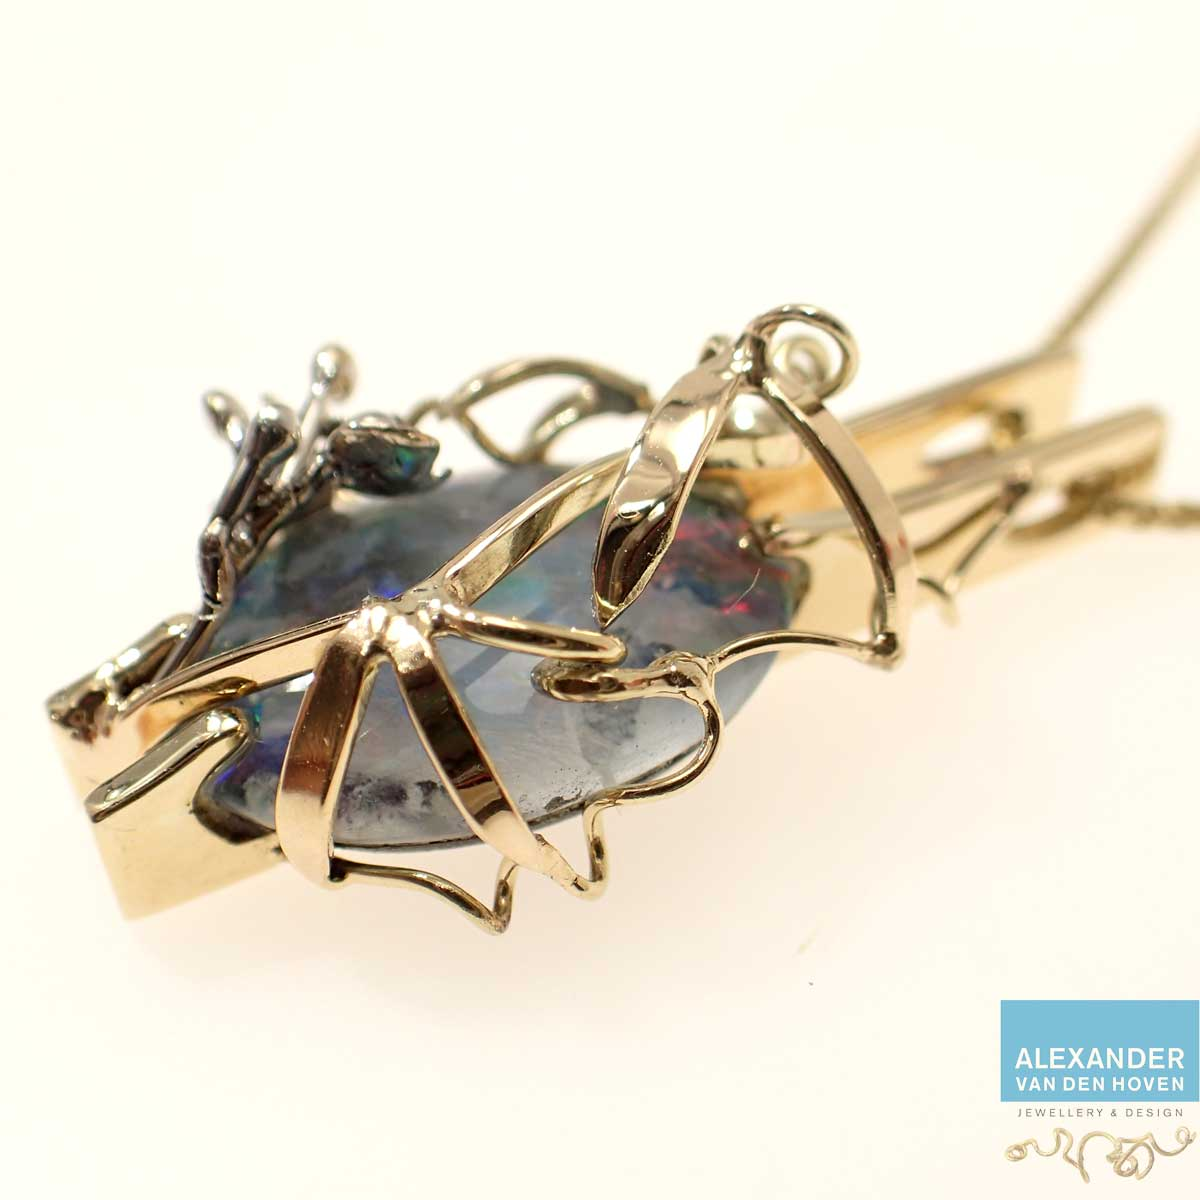 hangertje-met-opaal-triplet-lathyrus-takje